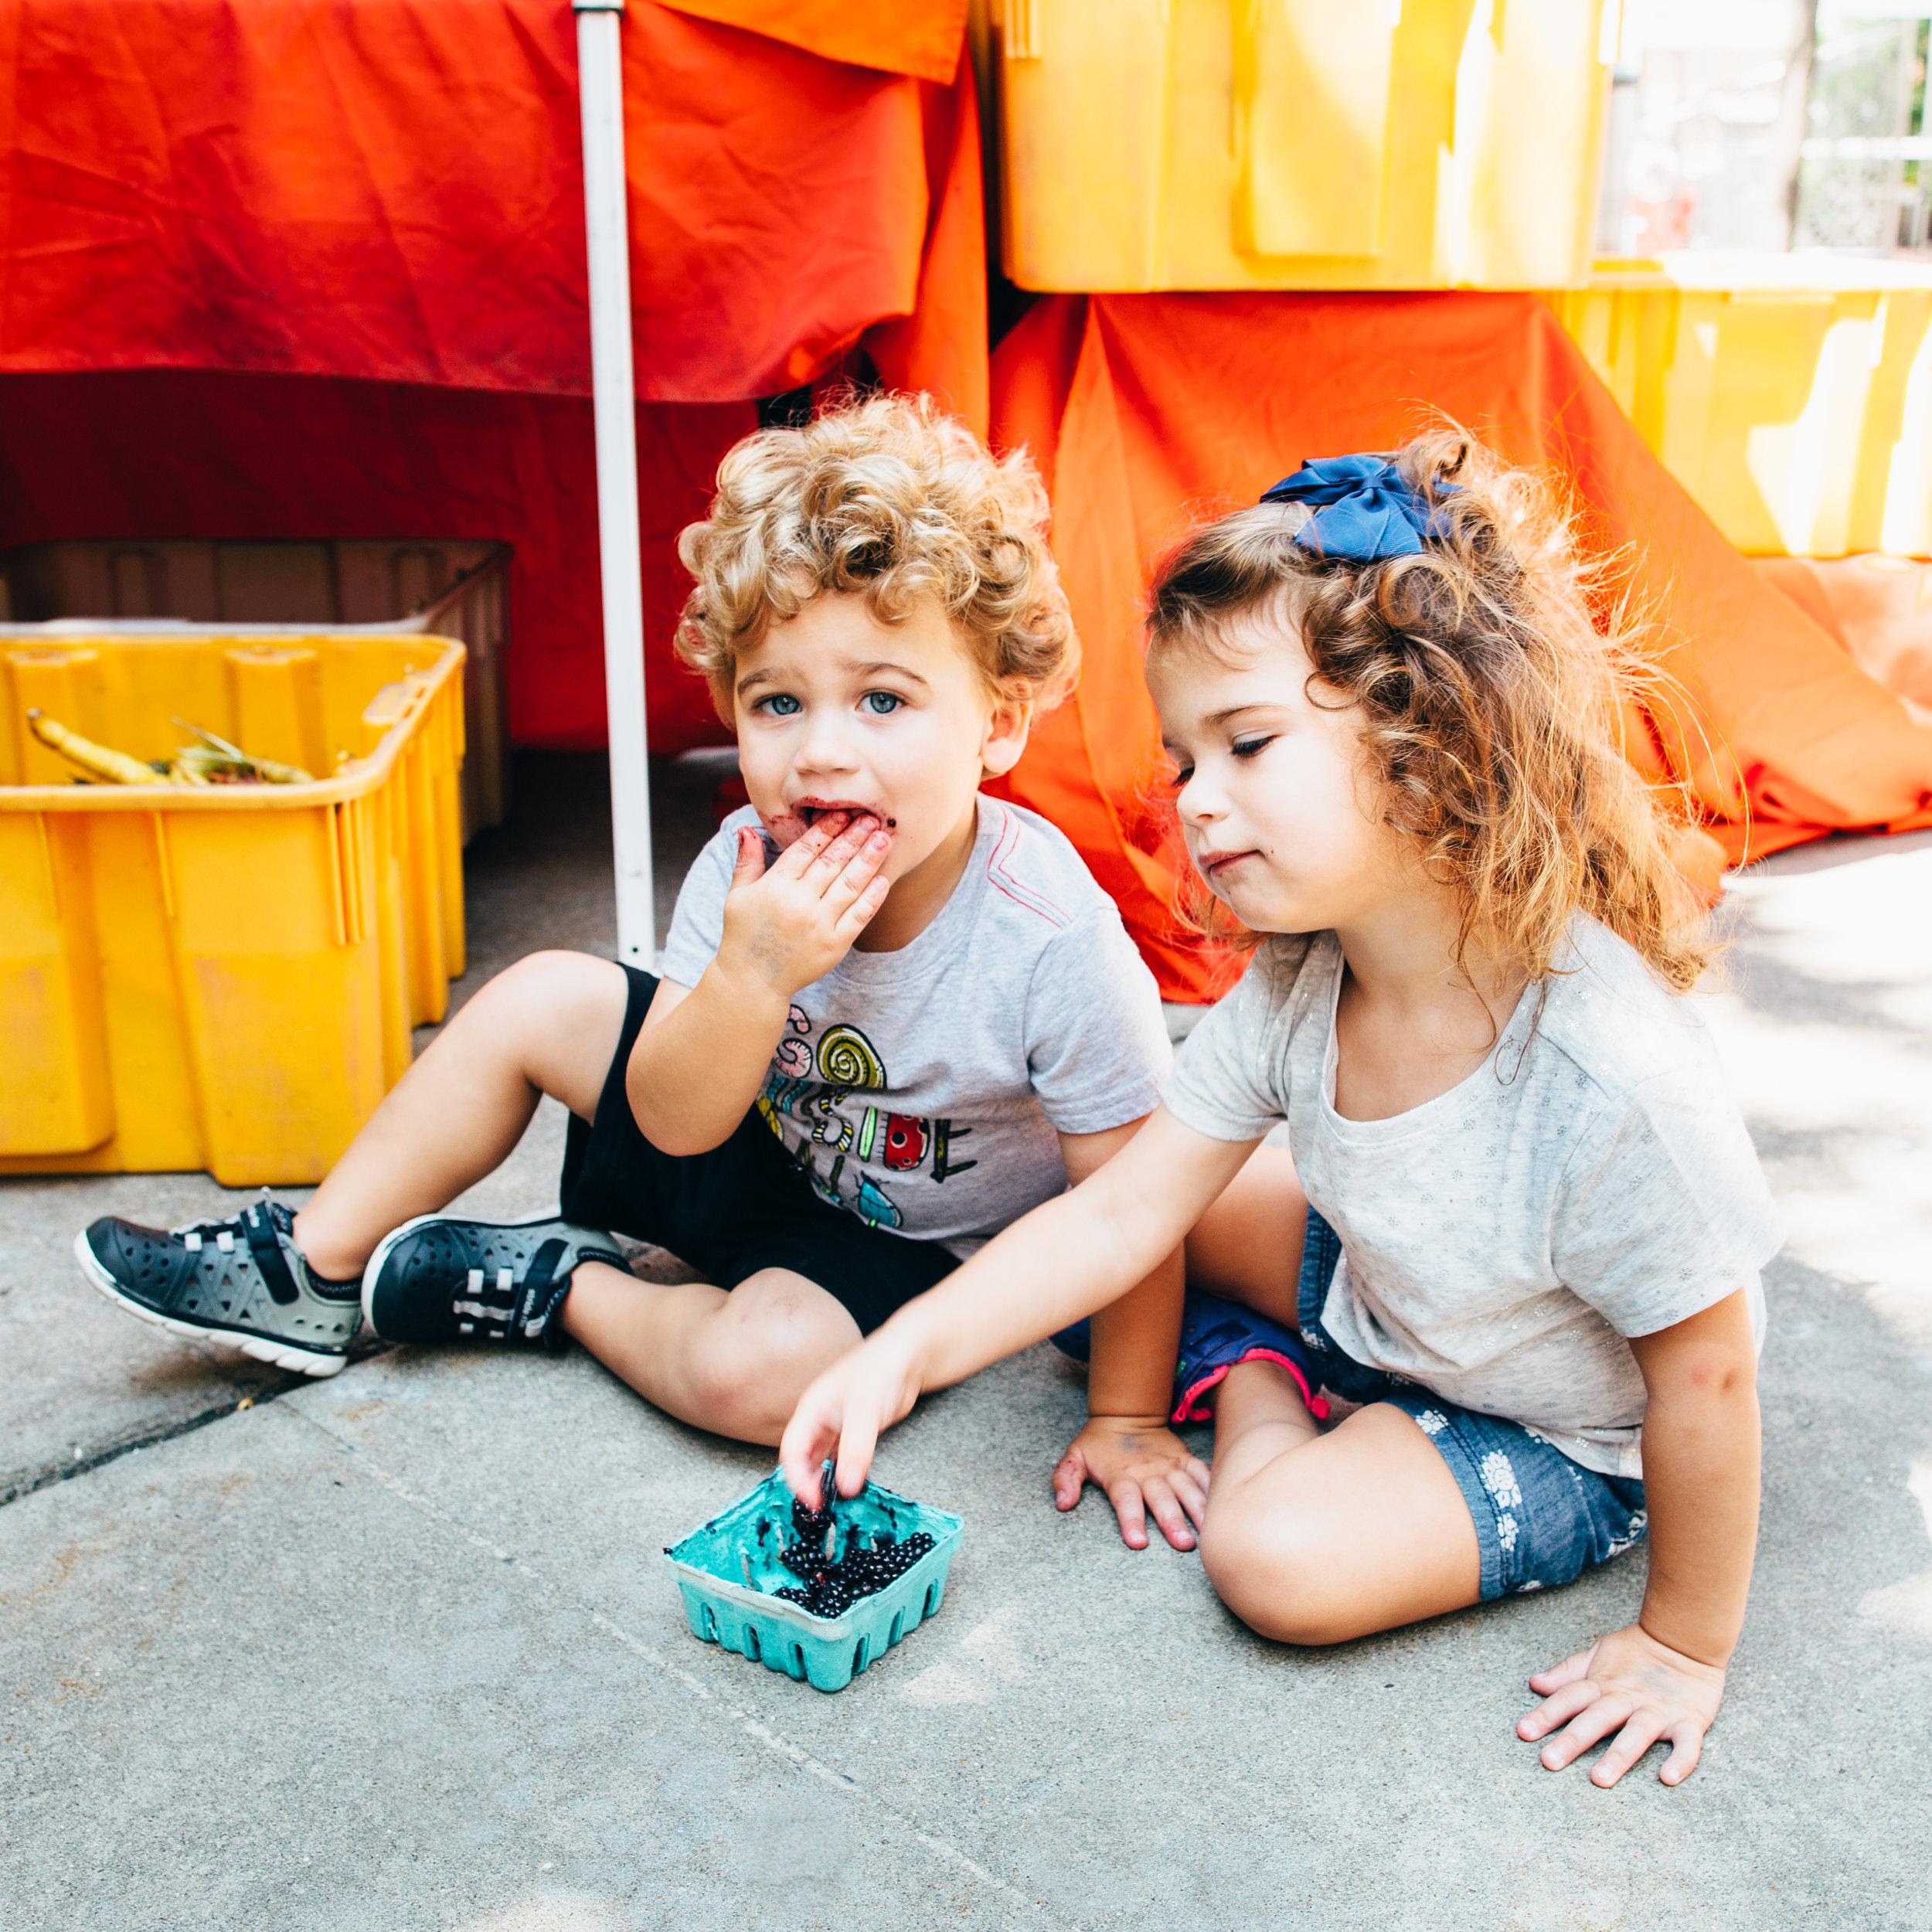 kidsWblackberries.jpg